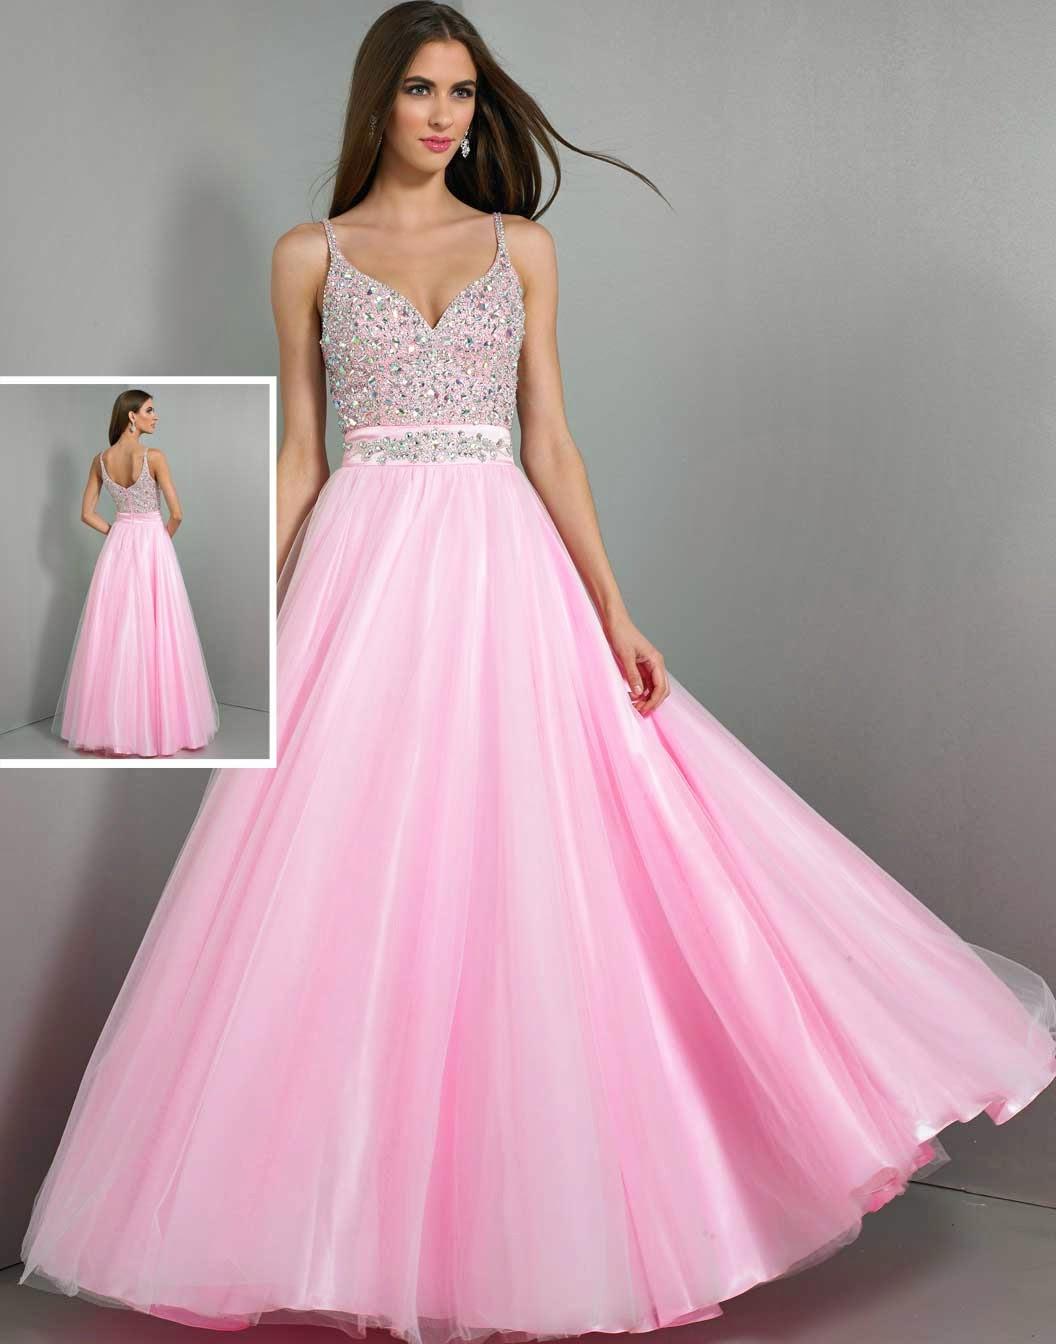 Jcpenney Dresses For Women